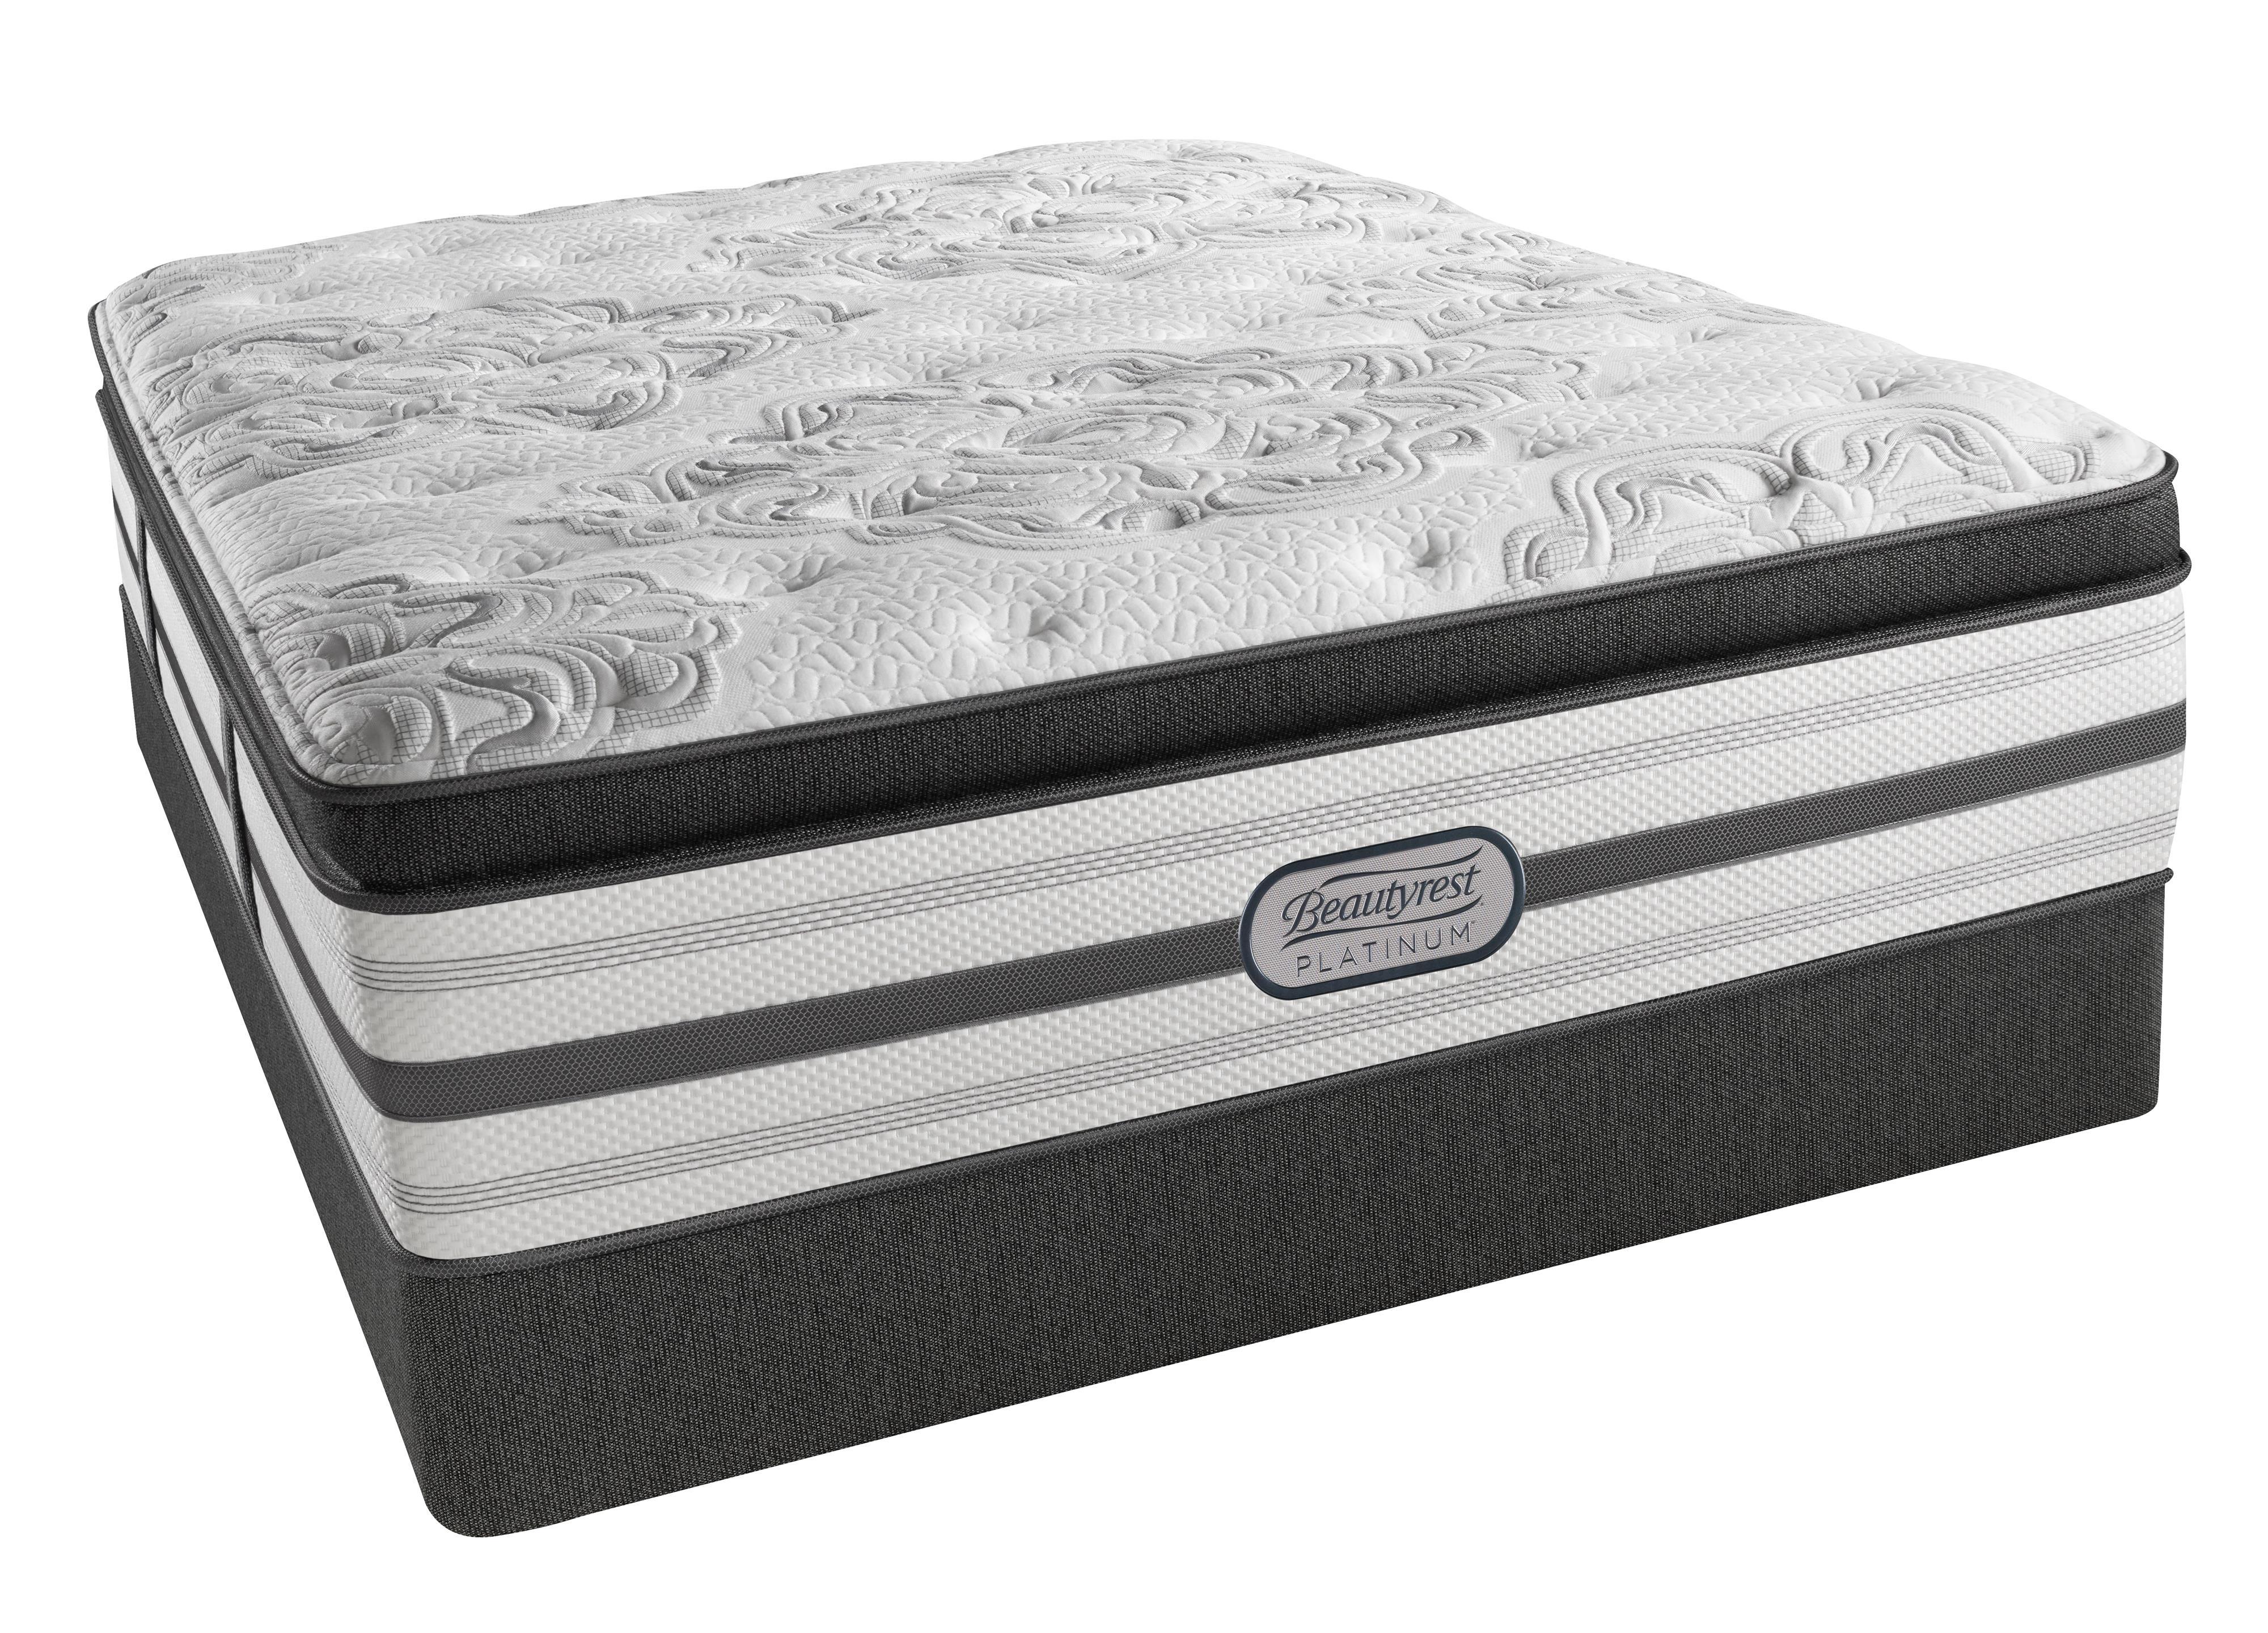 Beautyrest Platinum Katherine Queen Plush Box Top Low Profile Set - Item Number: LV4PLBT-Q+700150470-6050